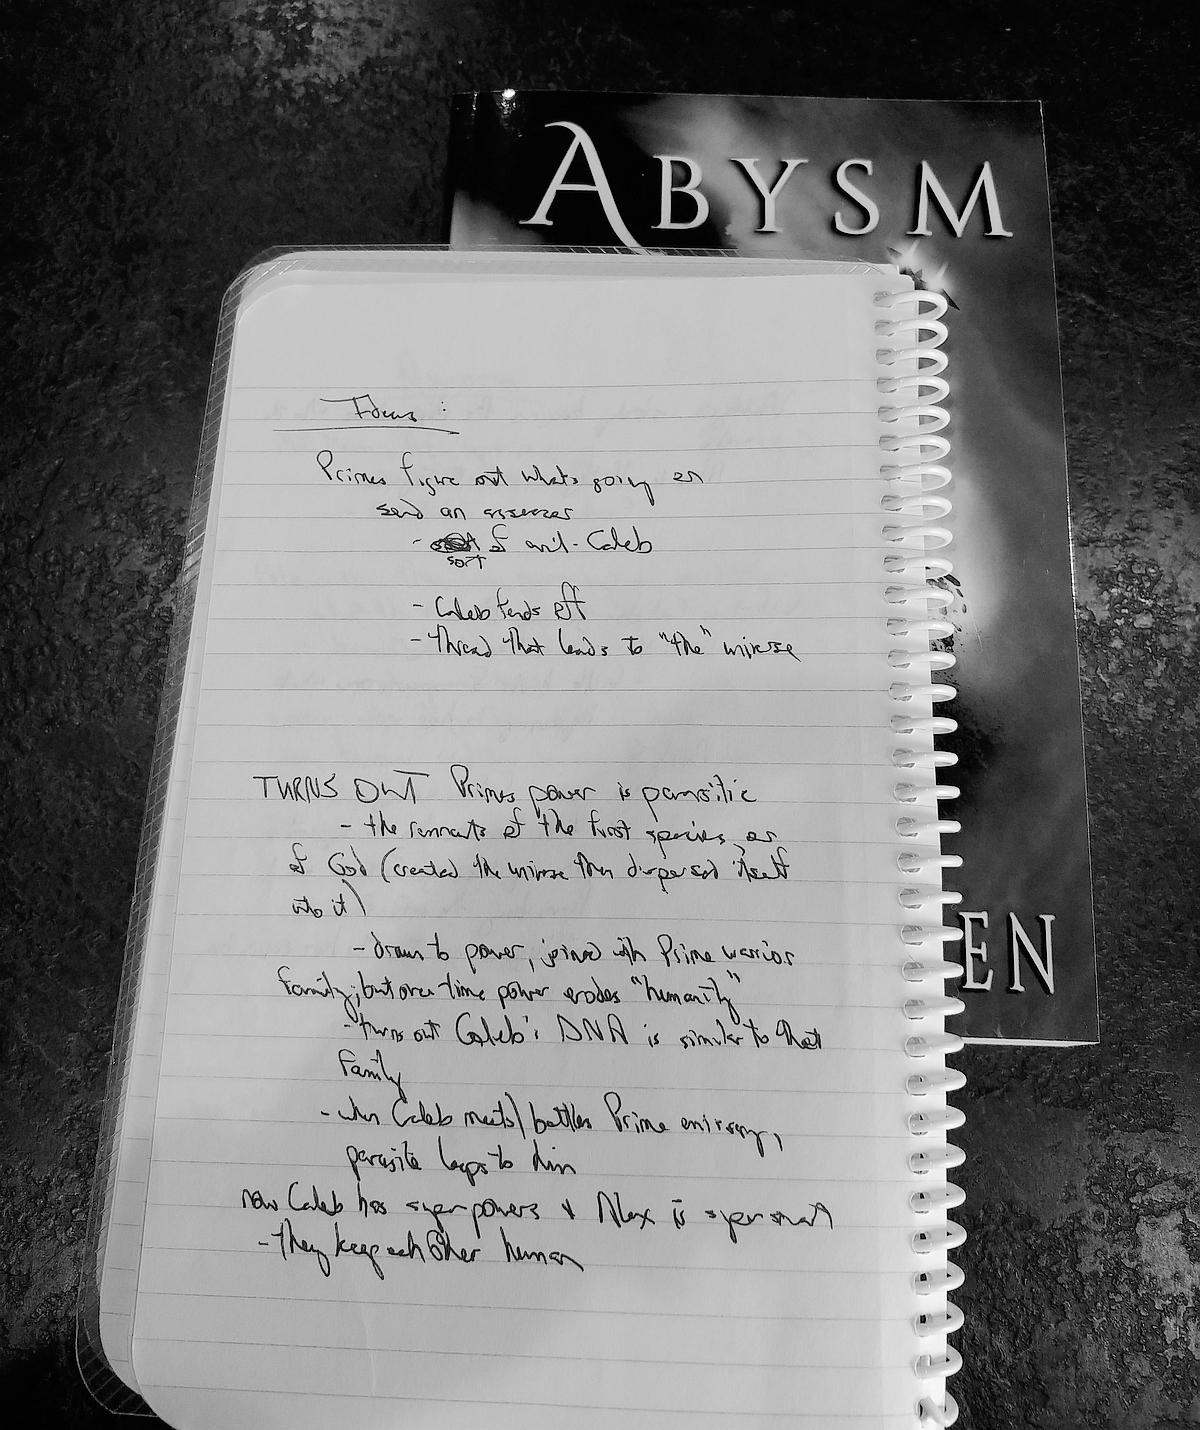 Abysm.jpg